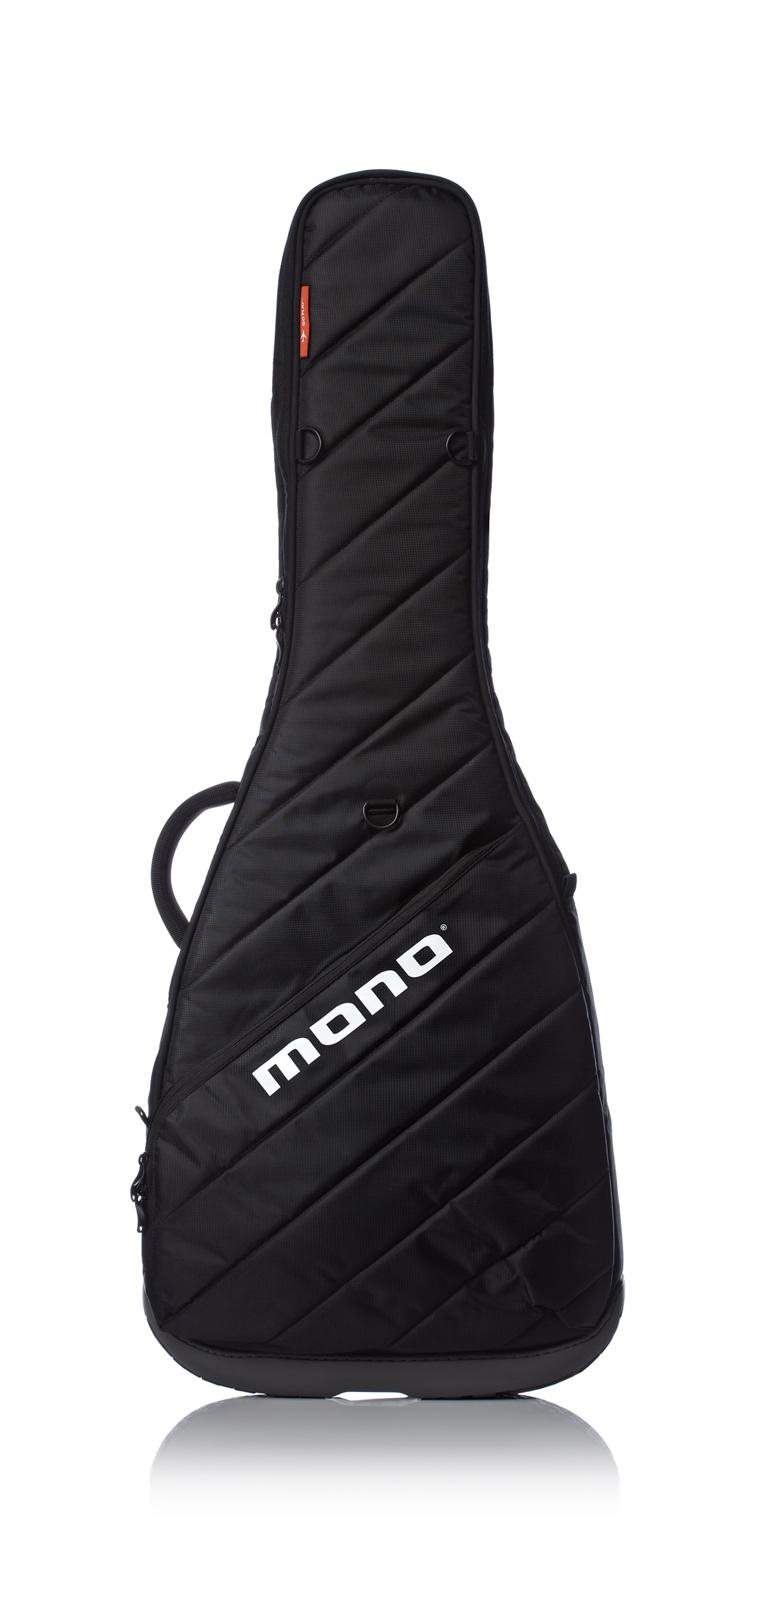 Mono housse guitare electrique m80 sleeve black guitar for Housse guitare electrique